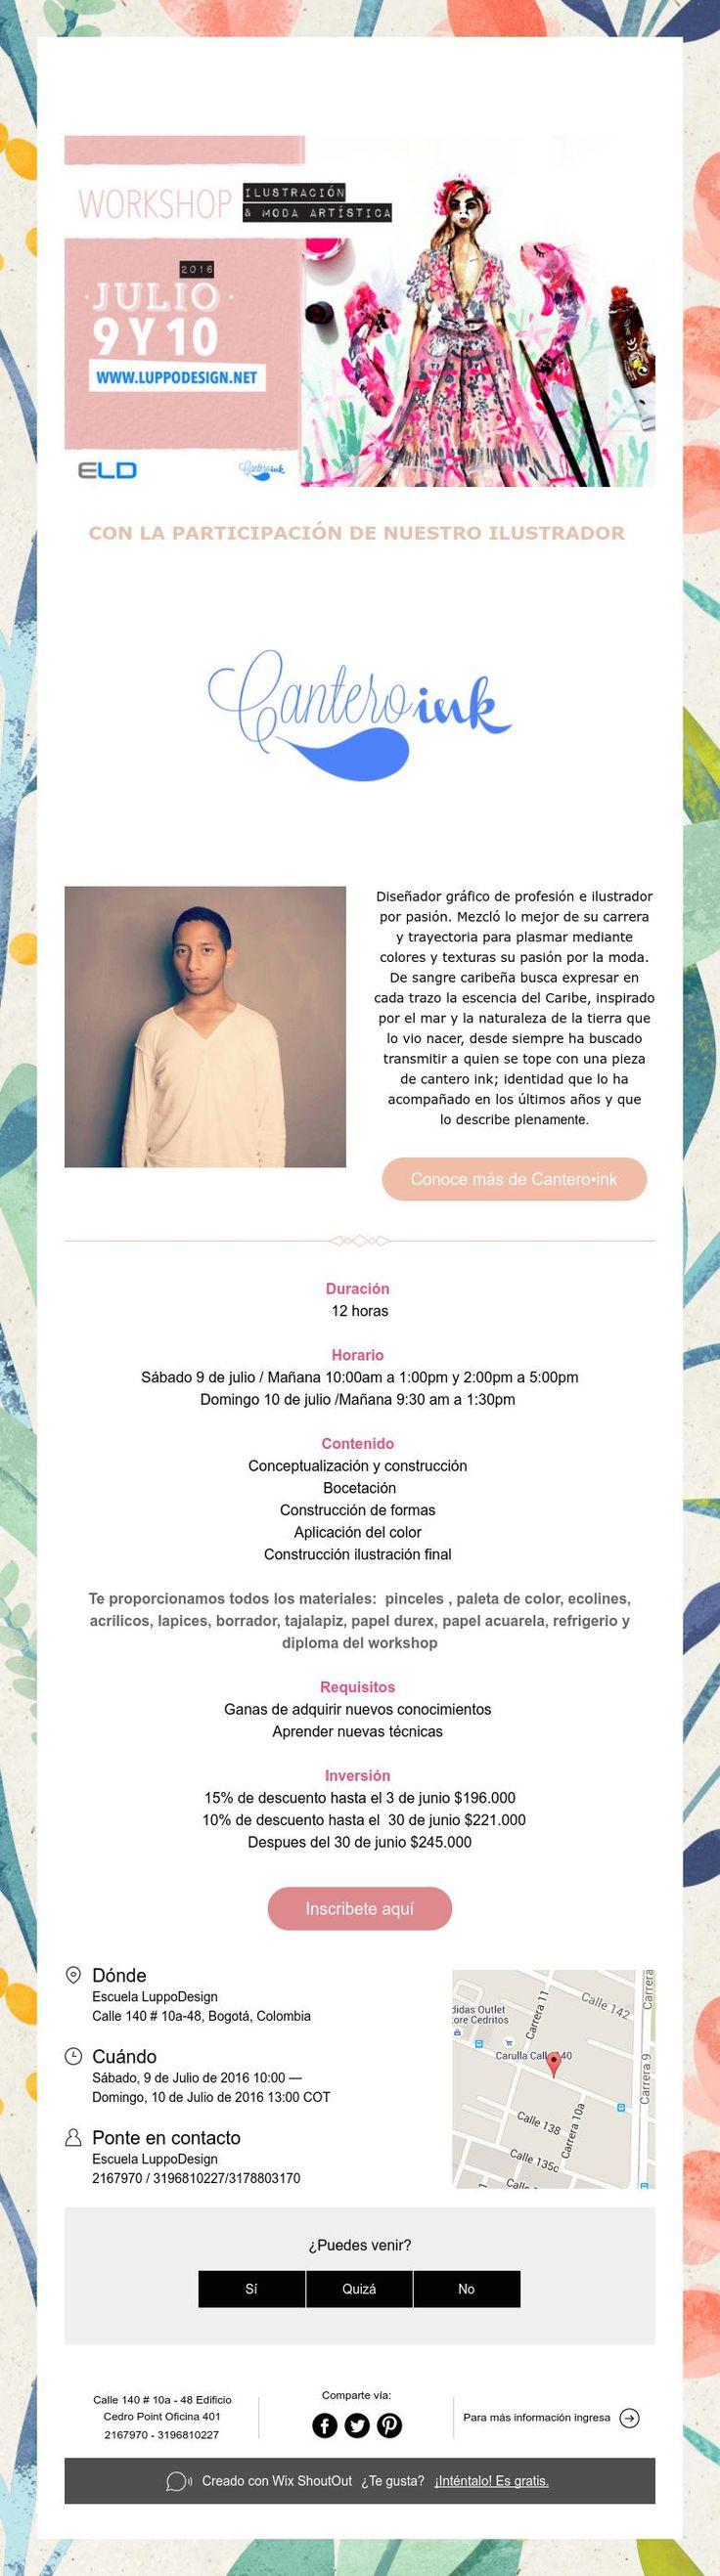 Nuevo workshop ilustración y moda artística